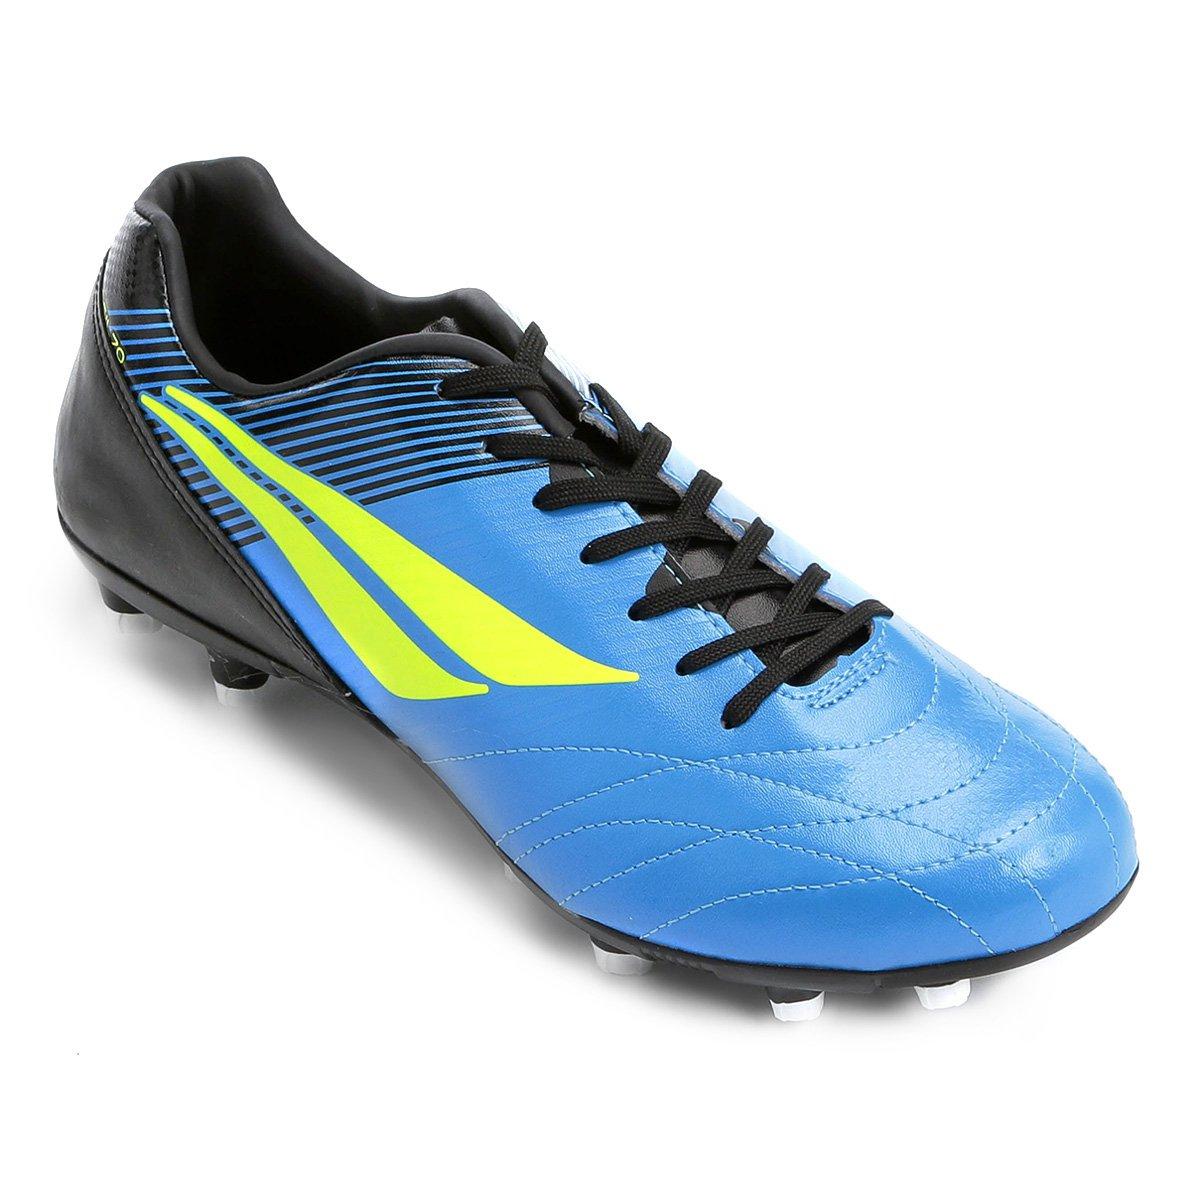 c970889edc00f Chuteira Campo Penalty Brasil 70 R2 VIII - Azul e Preto - Compre Agora